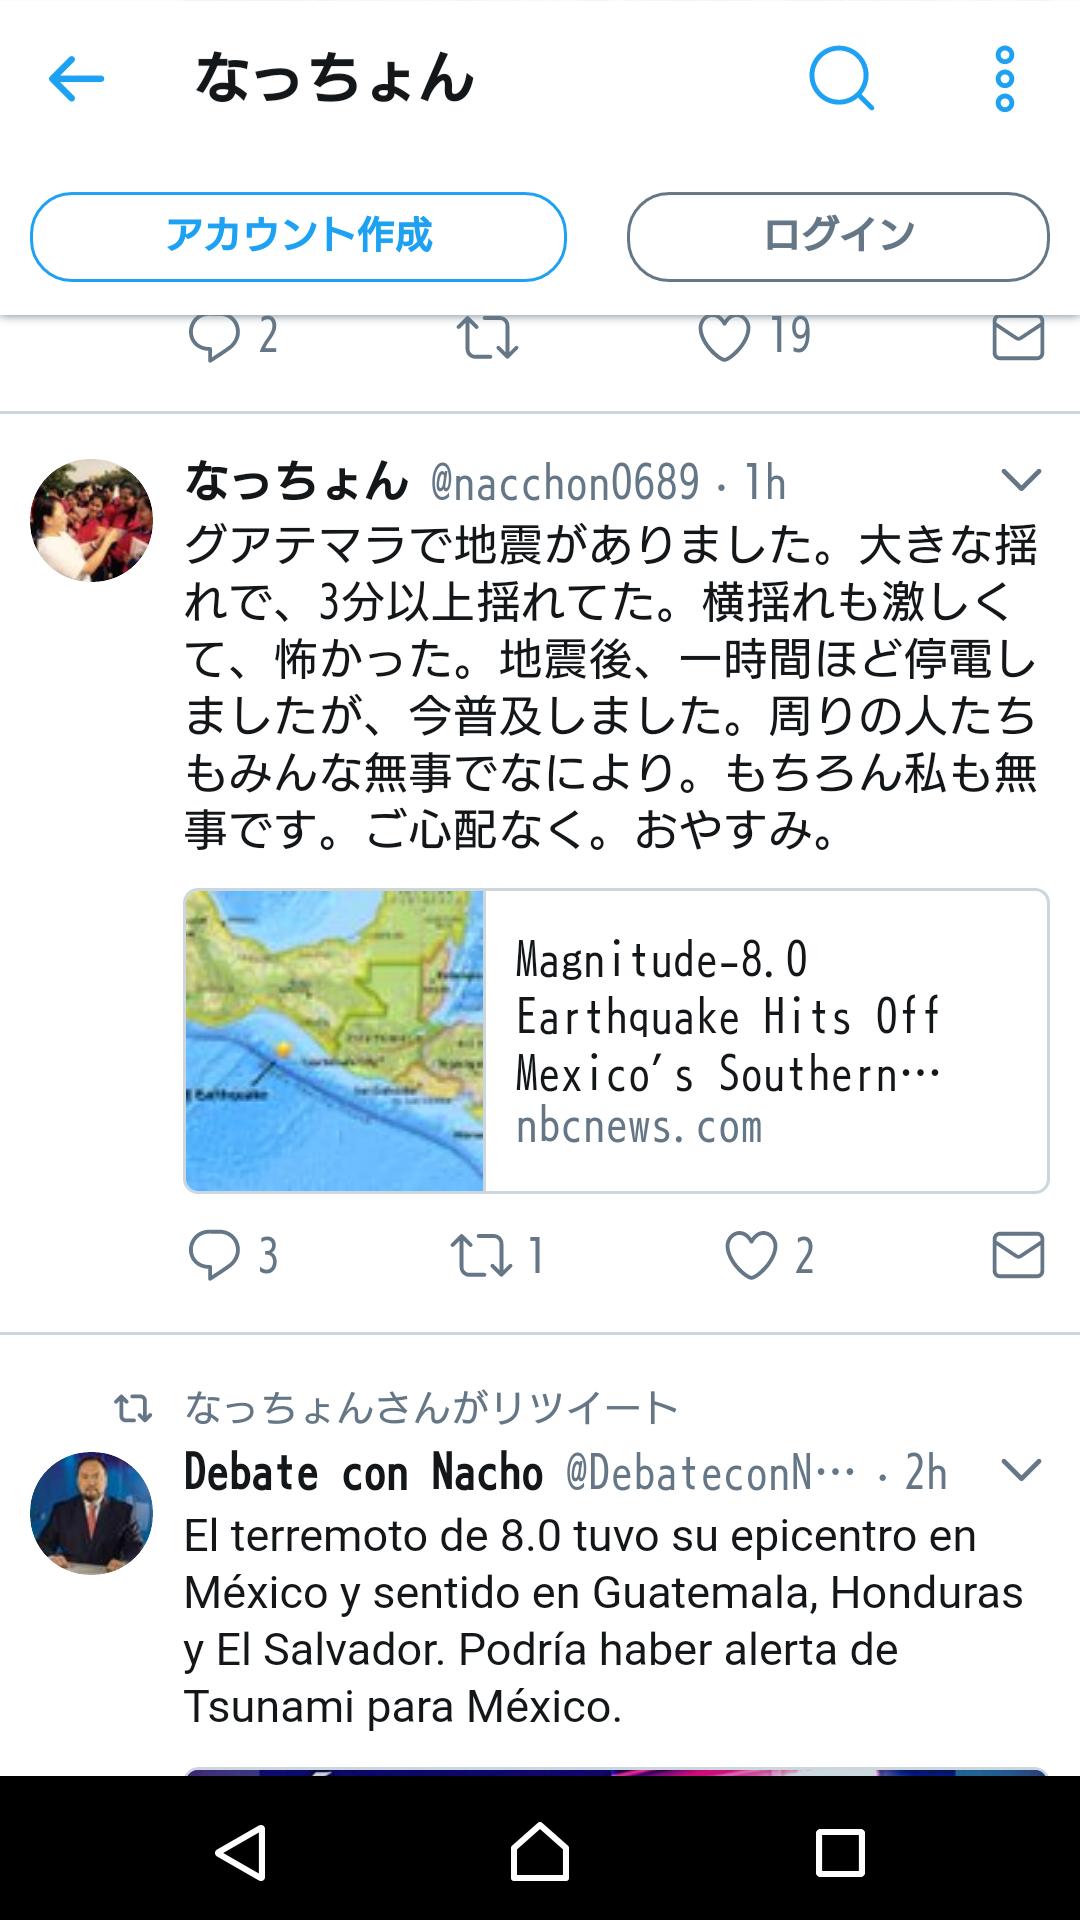 メキシコ沖でM8.0の地震 3メートル超の津波も 日本への津波の有無については現在調査中